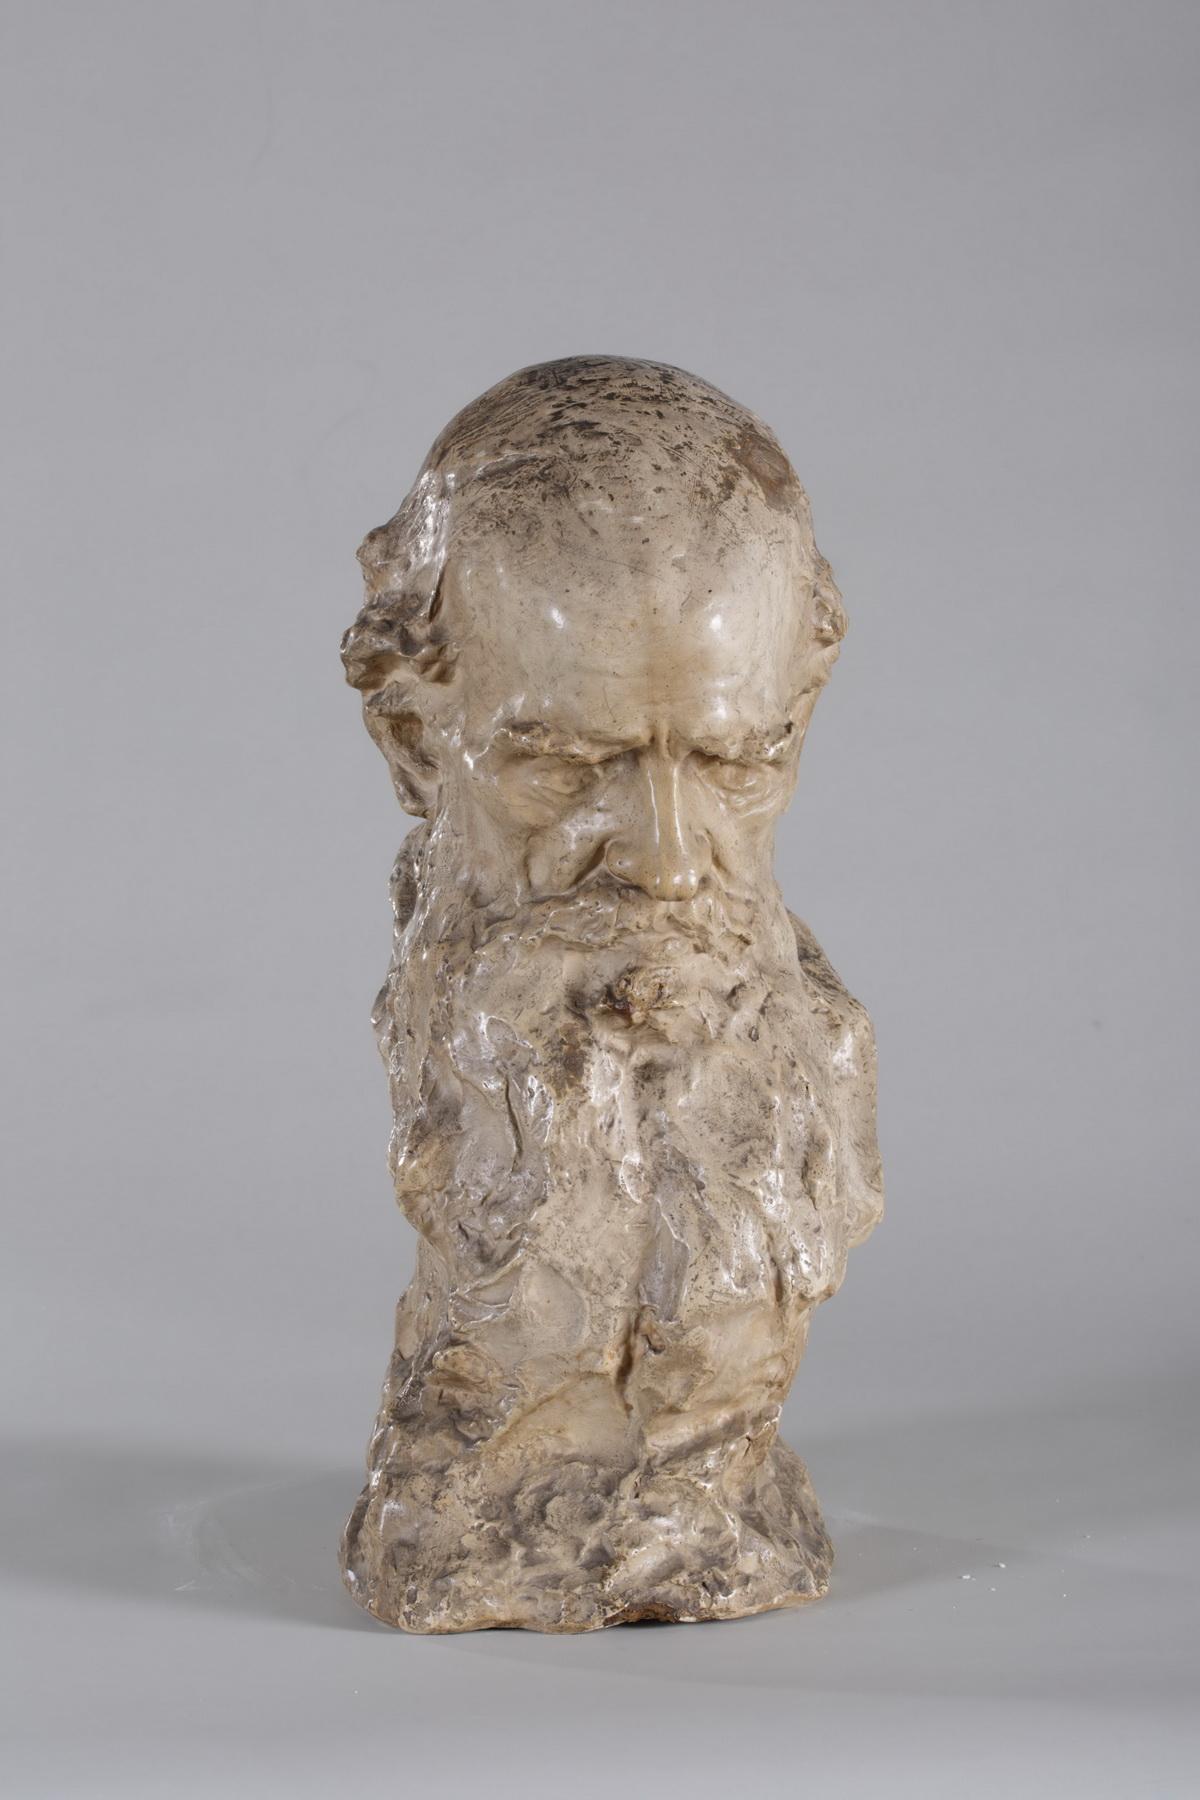 Аронсон Н.Л. Л.Н. Толстой. Голова. 1901